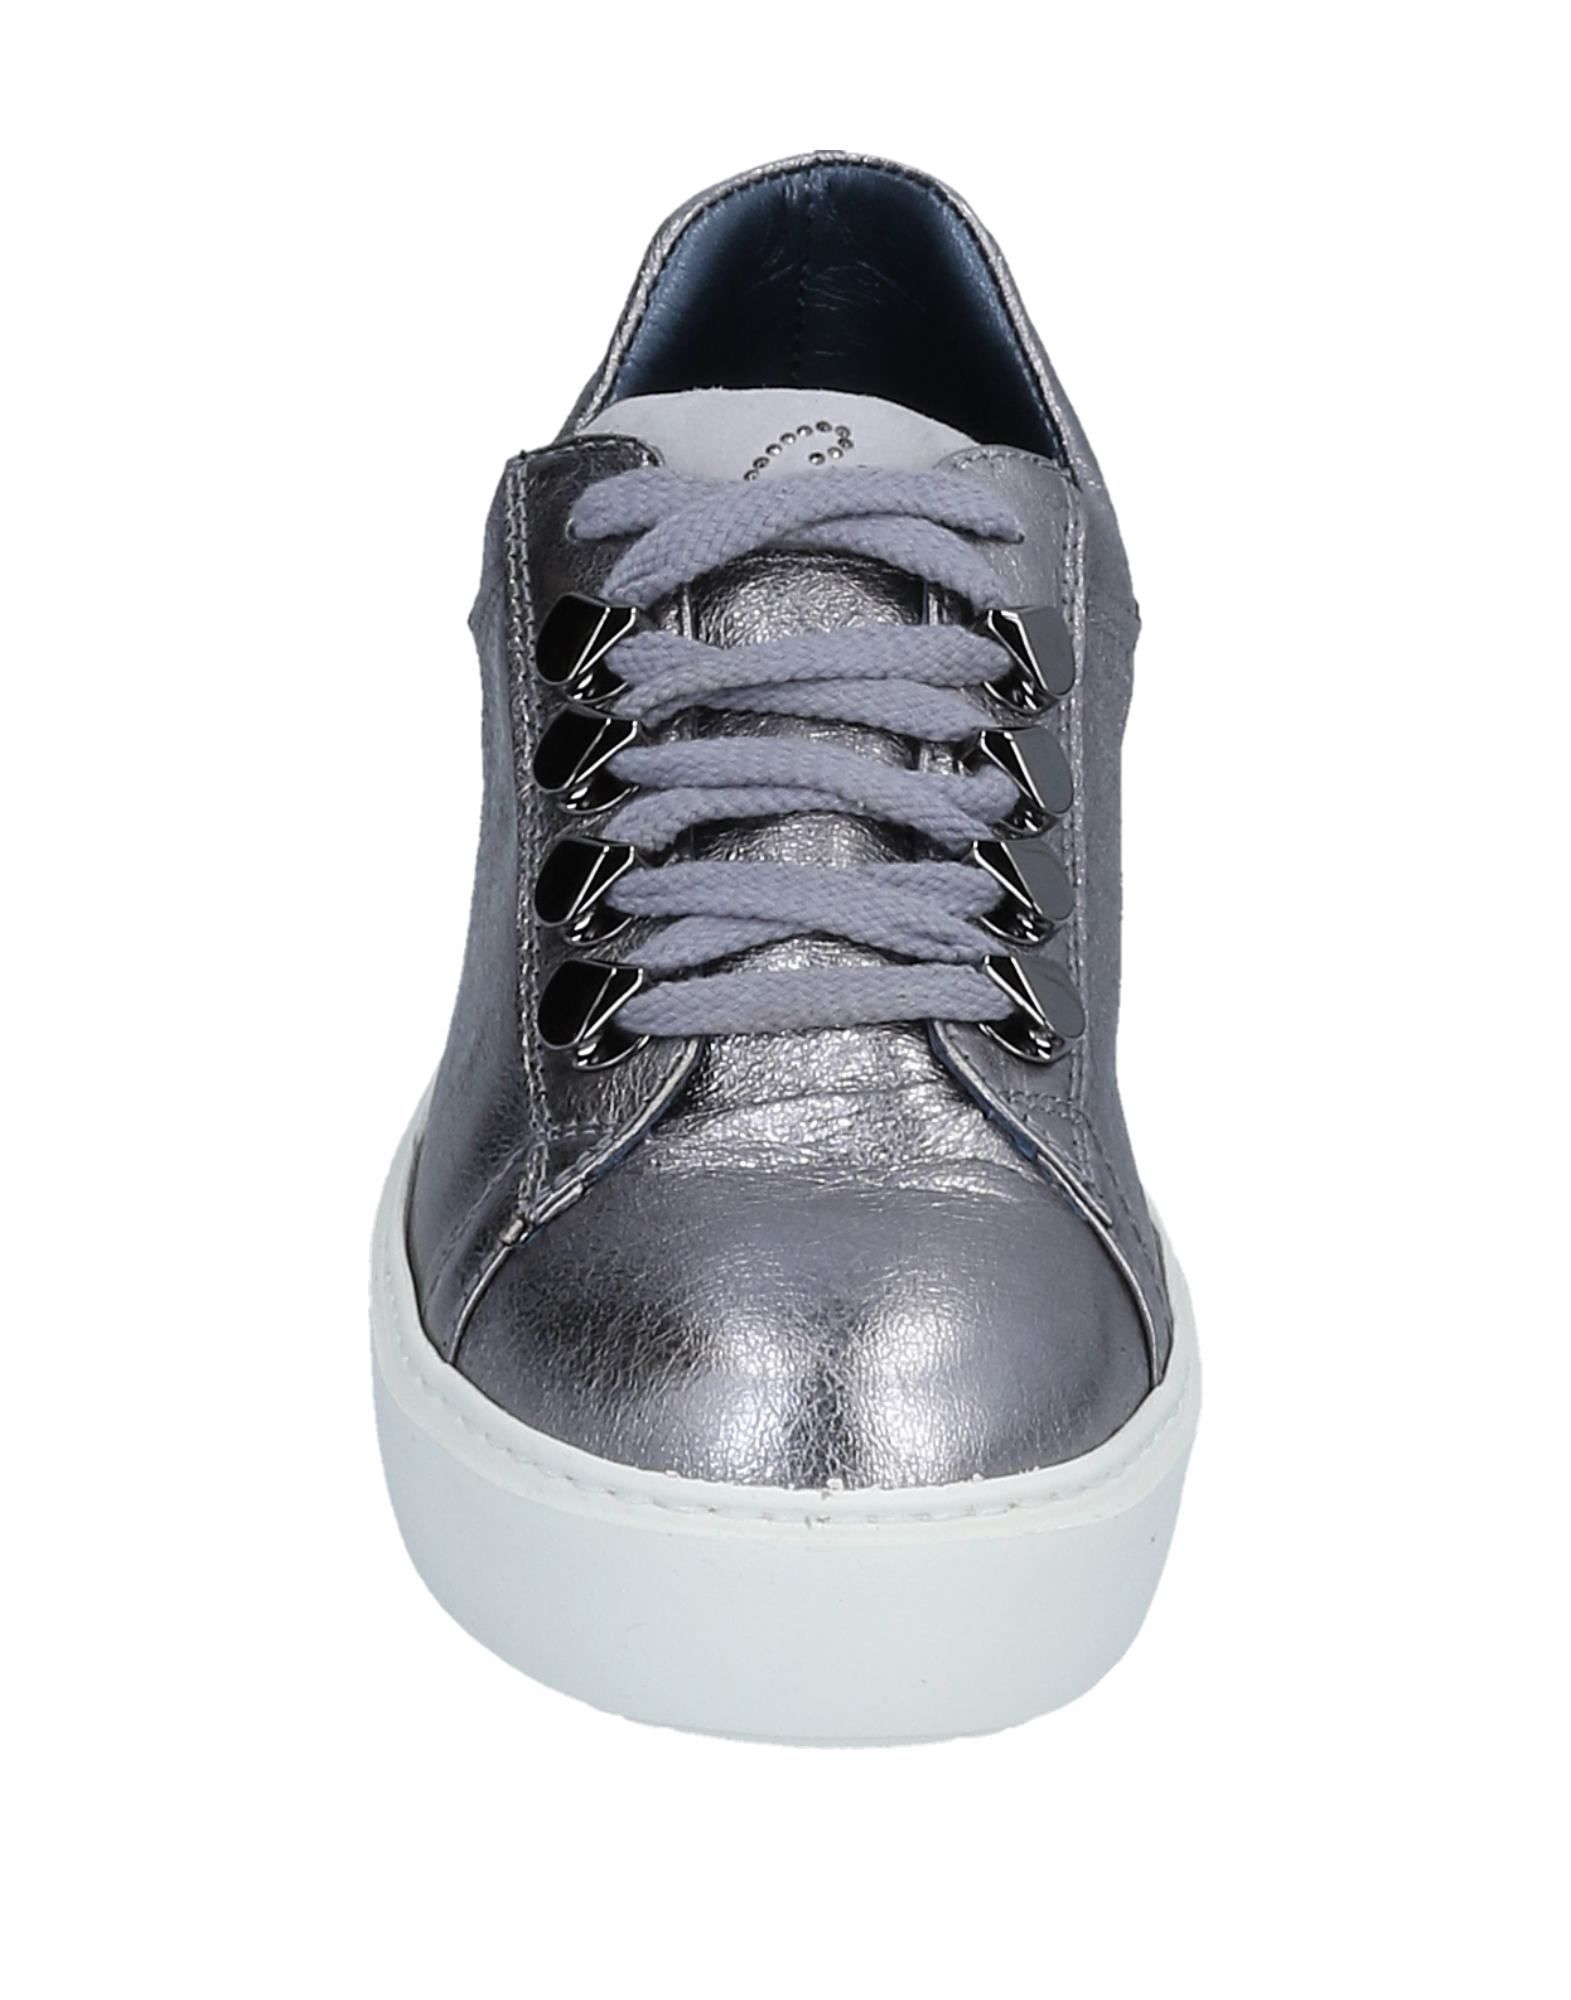 P. Cesare P.  Sneakers Damen  11517255PA a88e05